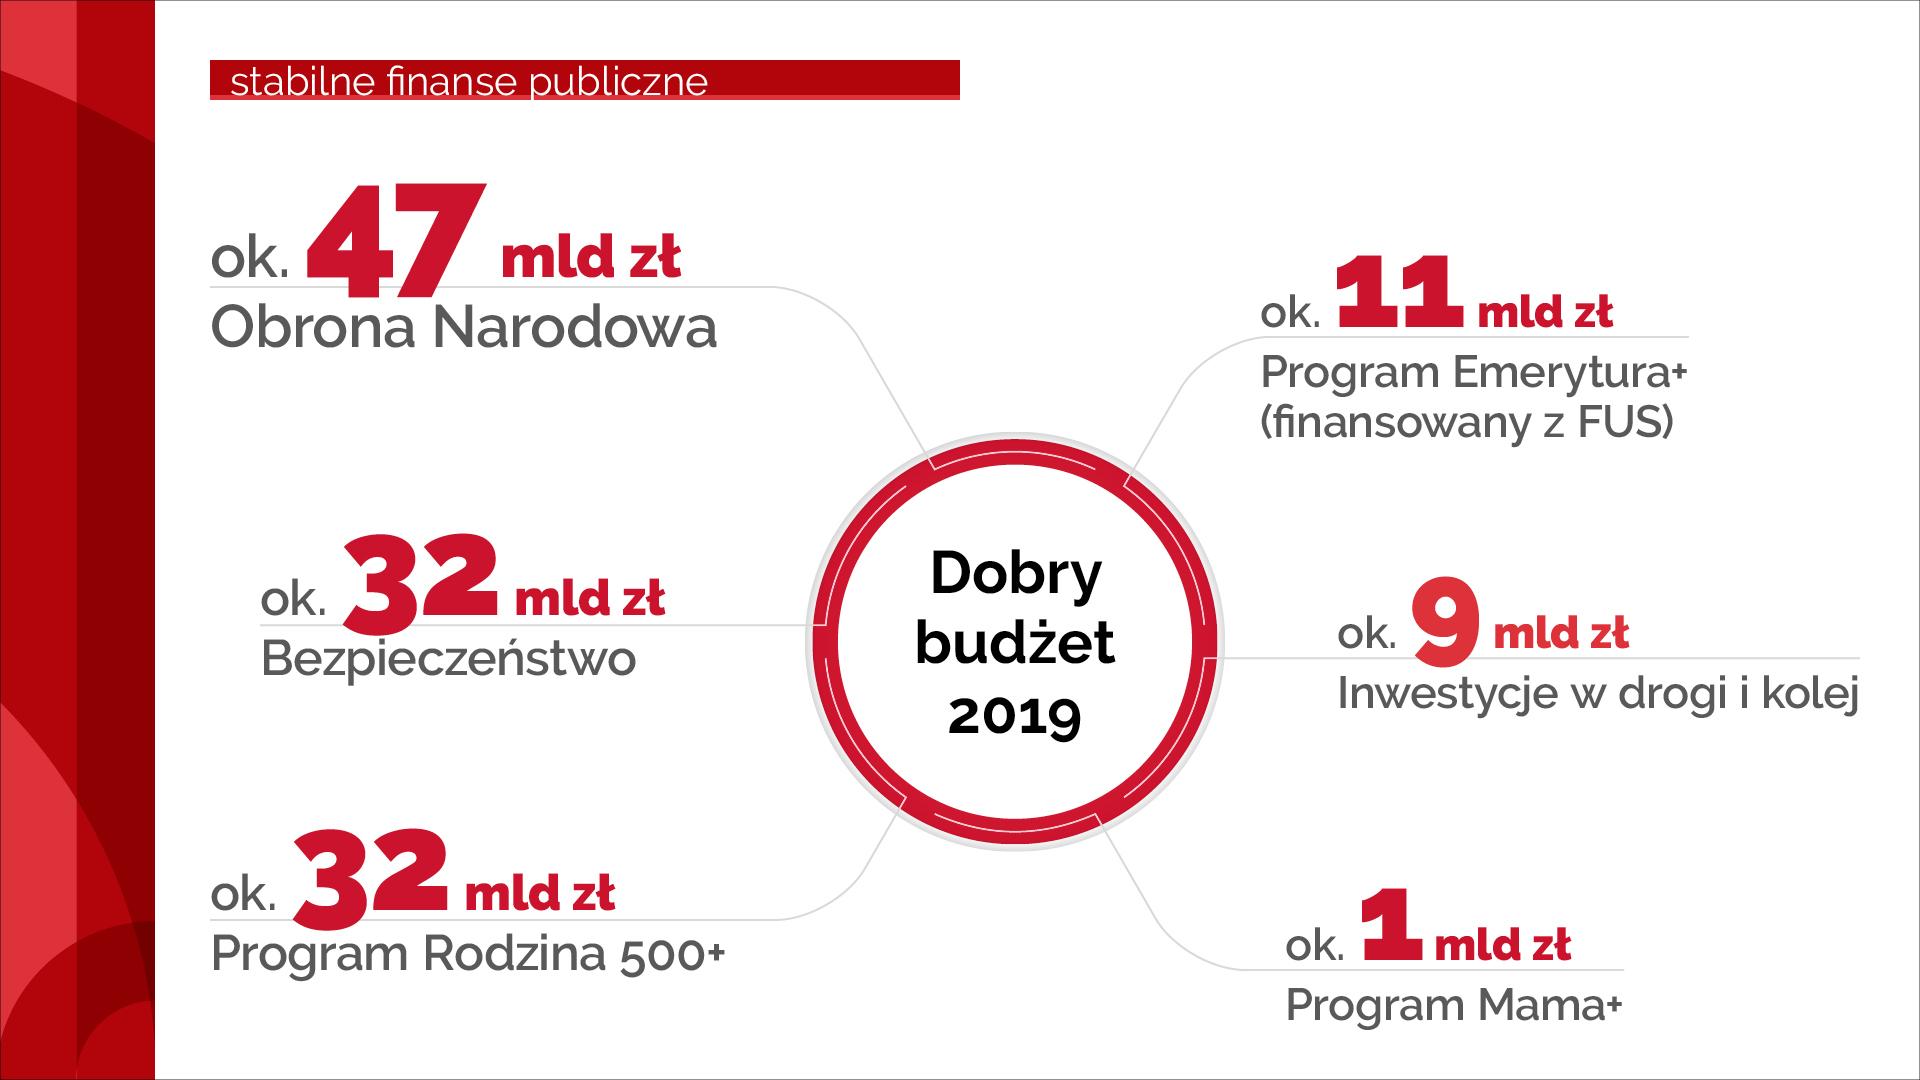 Grafika z kwotami wydatków na obronę narodową, bezpieczeństwo, inwestycje, program 500+, emerytura+, mama+